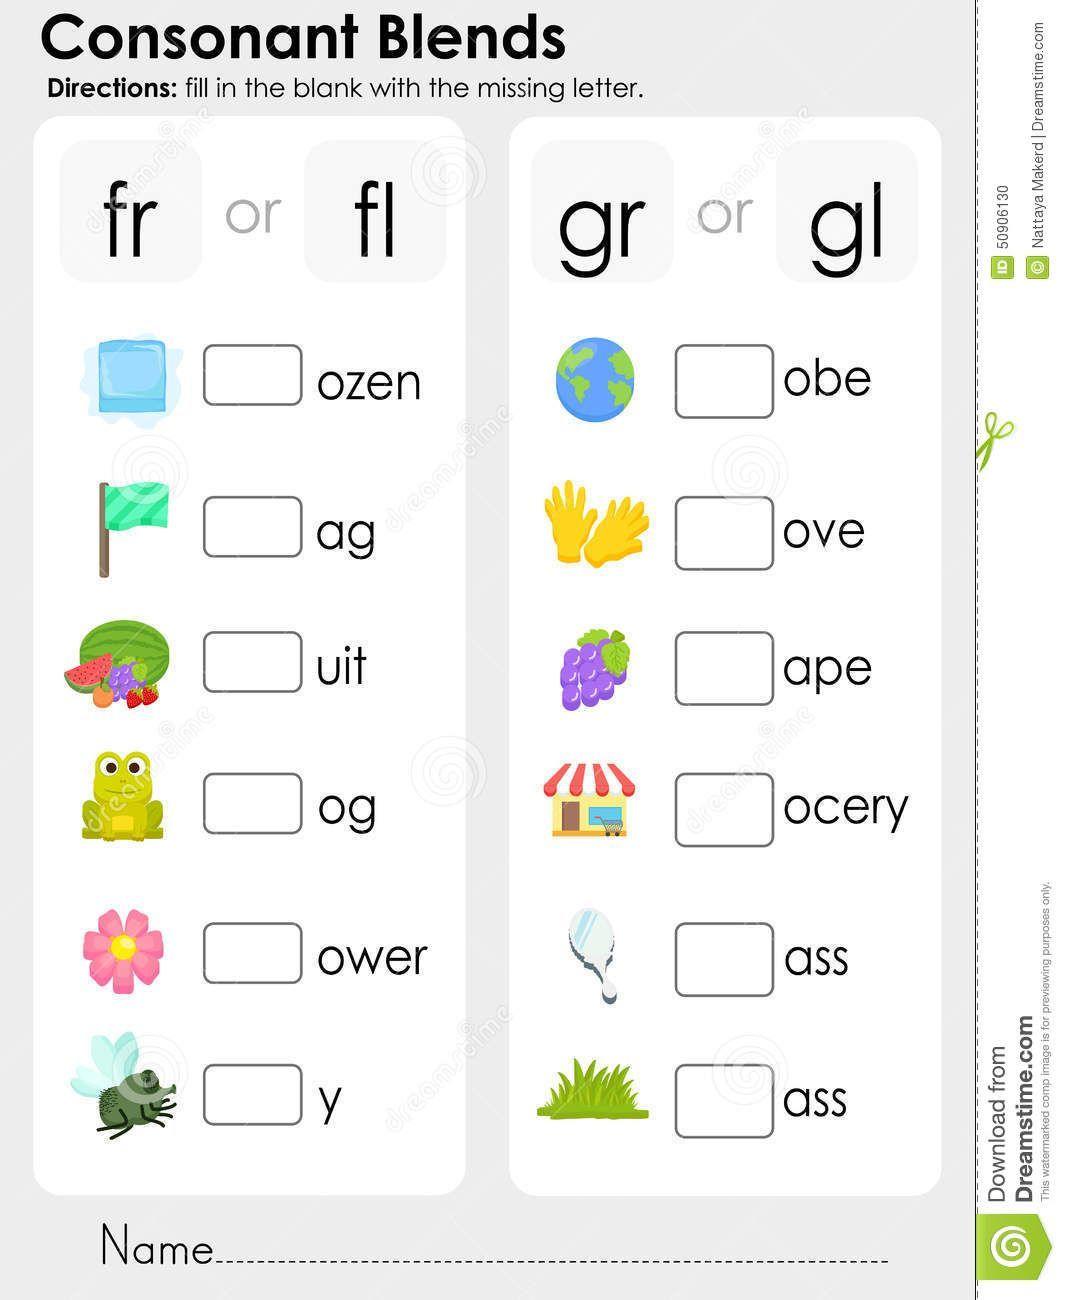 Consonant Blends Worksheets For Kindergarten Scalien For